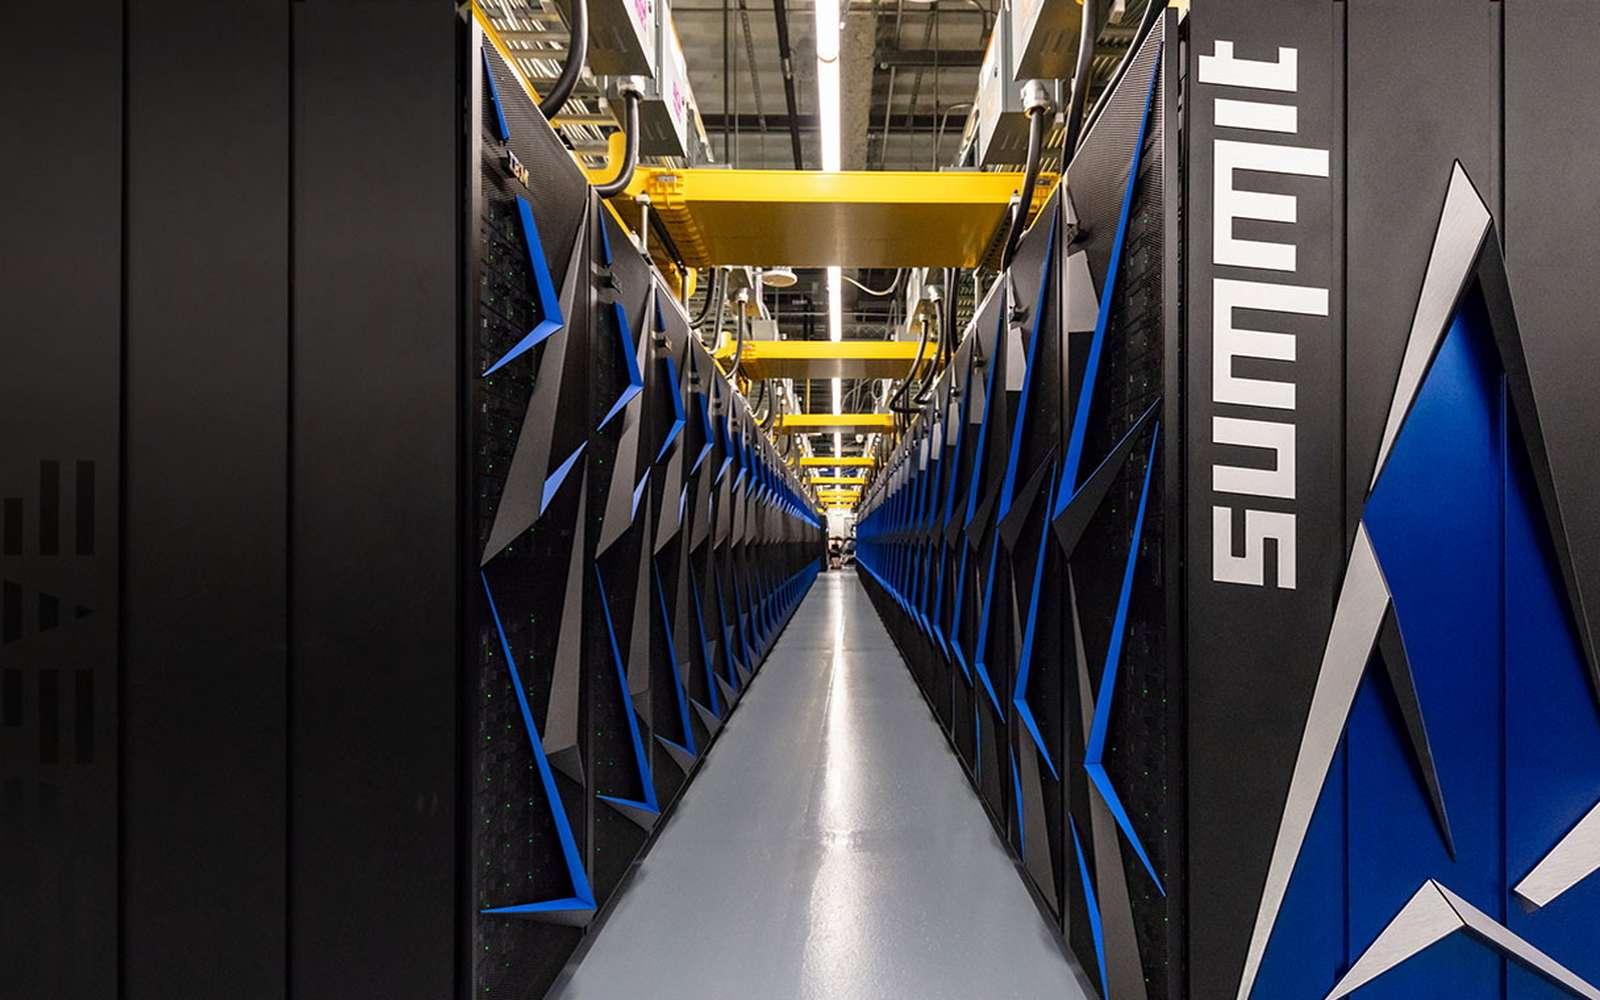 Le supercalculateur le plus puissant du monde a découvert 77 molécules candidates pour un traitement contre le coronavirus. © IBM